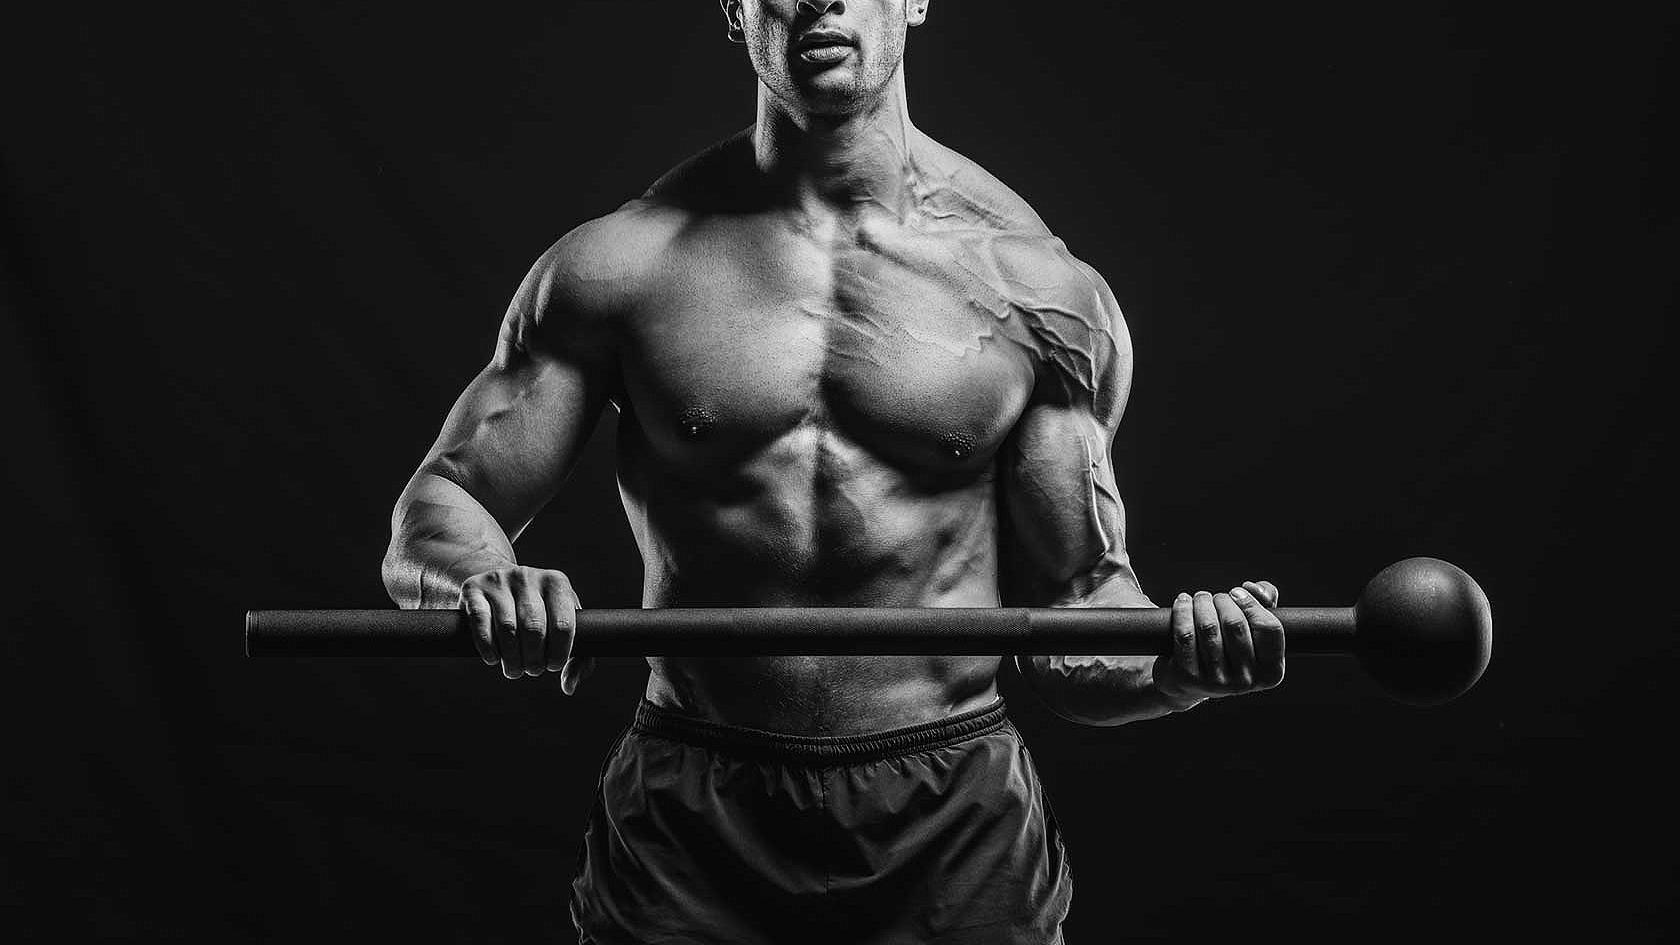 Sledgehammer Exercises